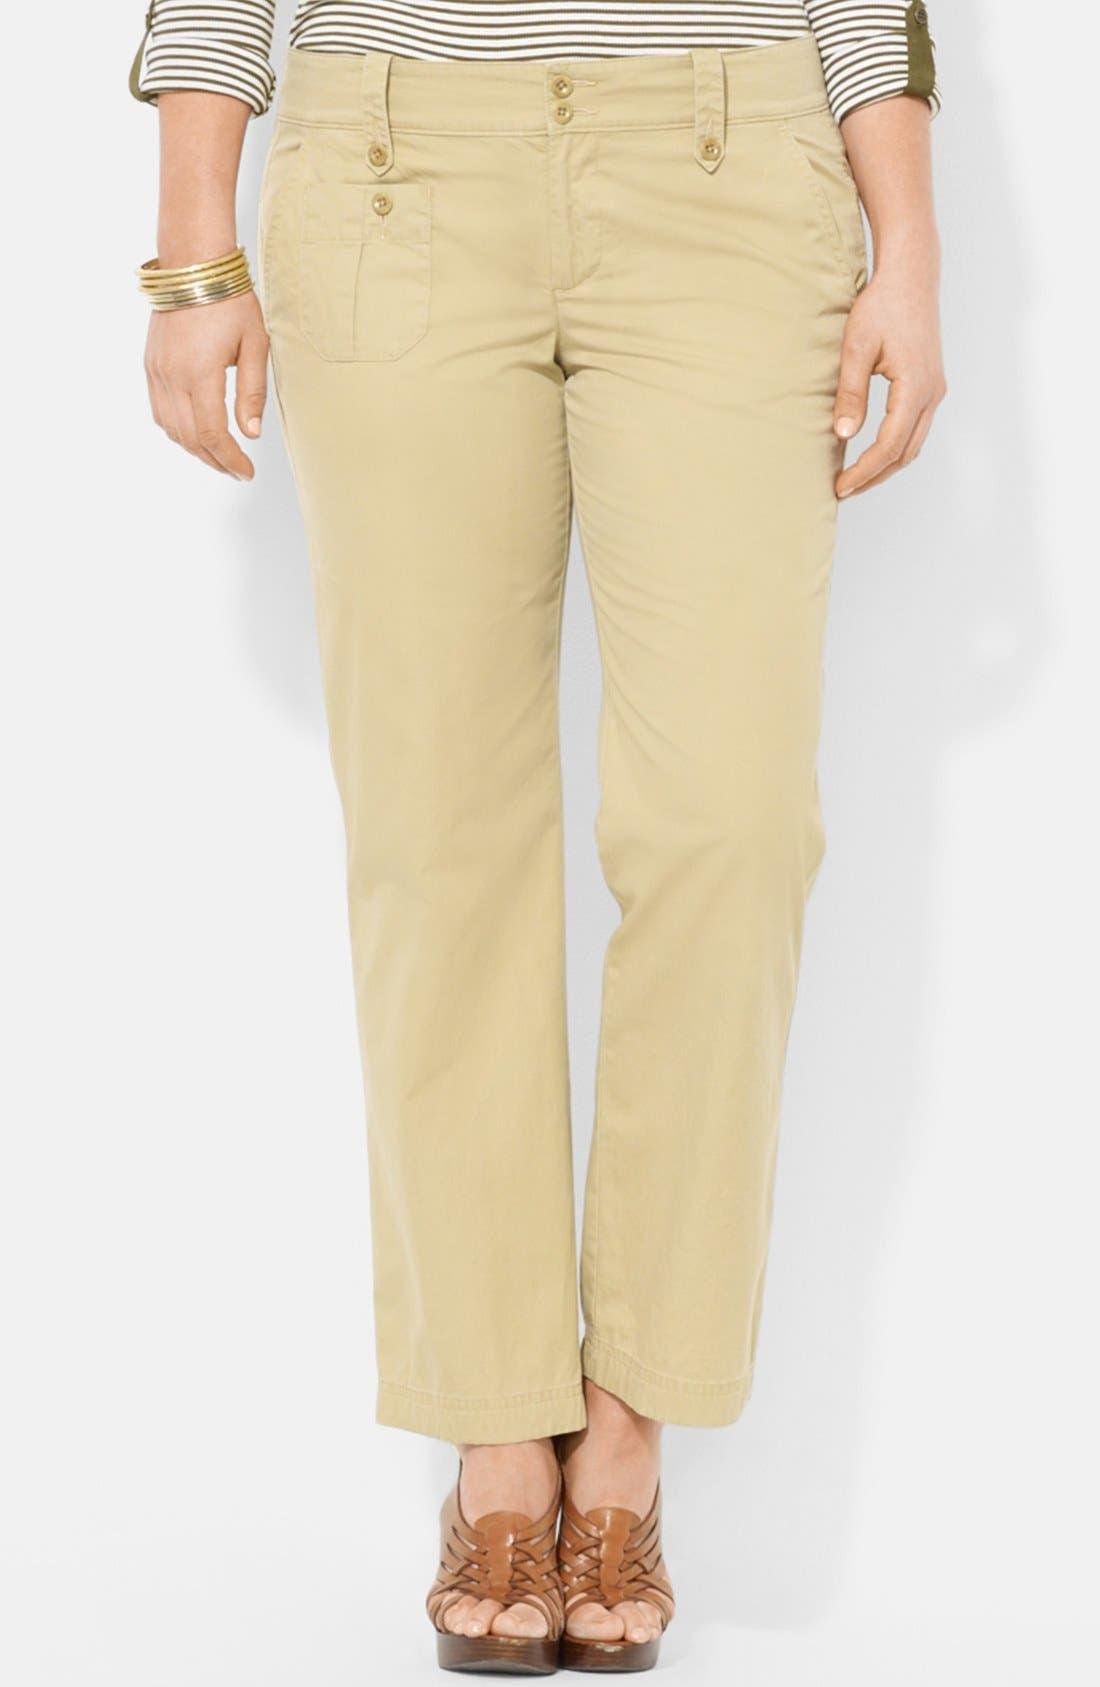 Alternate Image 1 Selected - Lauren Ralph Lauren Twill Cargo Pants (Plus Size)